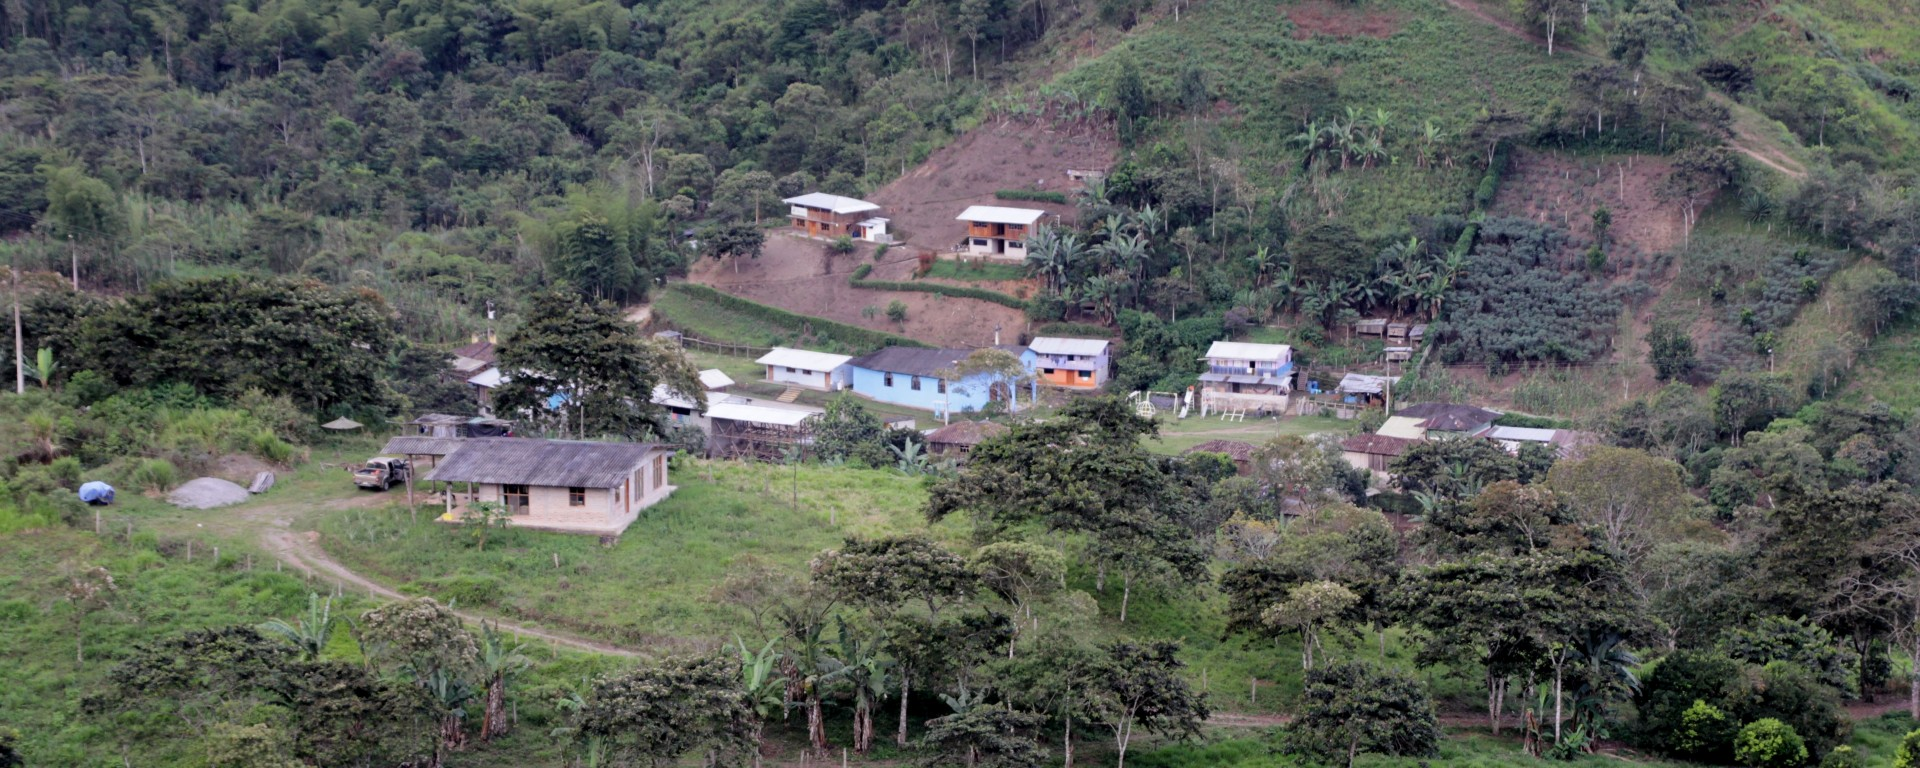 Le hameau de Junin compte 280 âmes (© Jérôme Decoster).